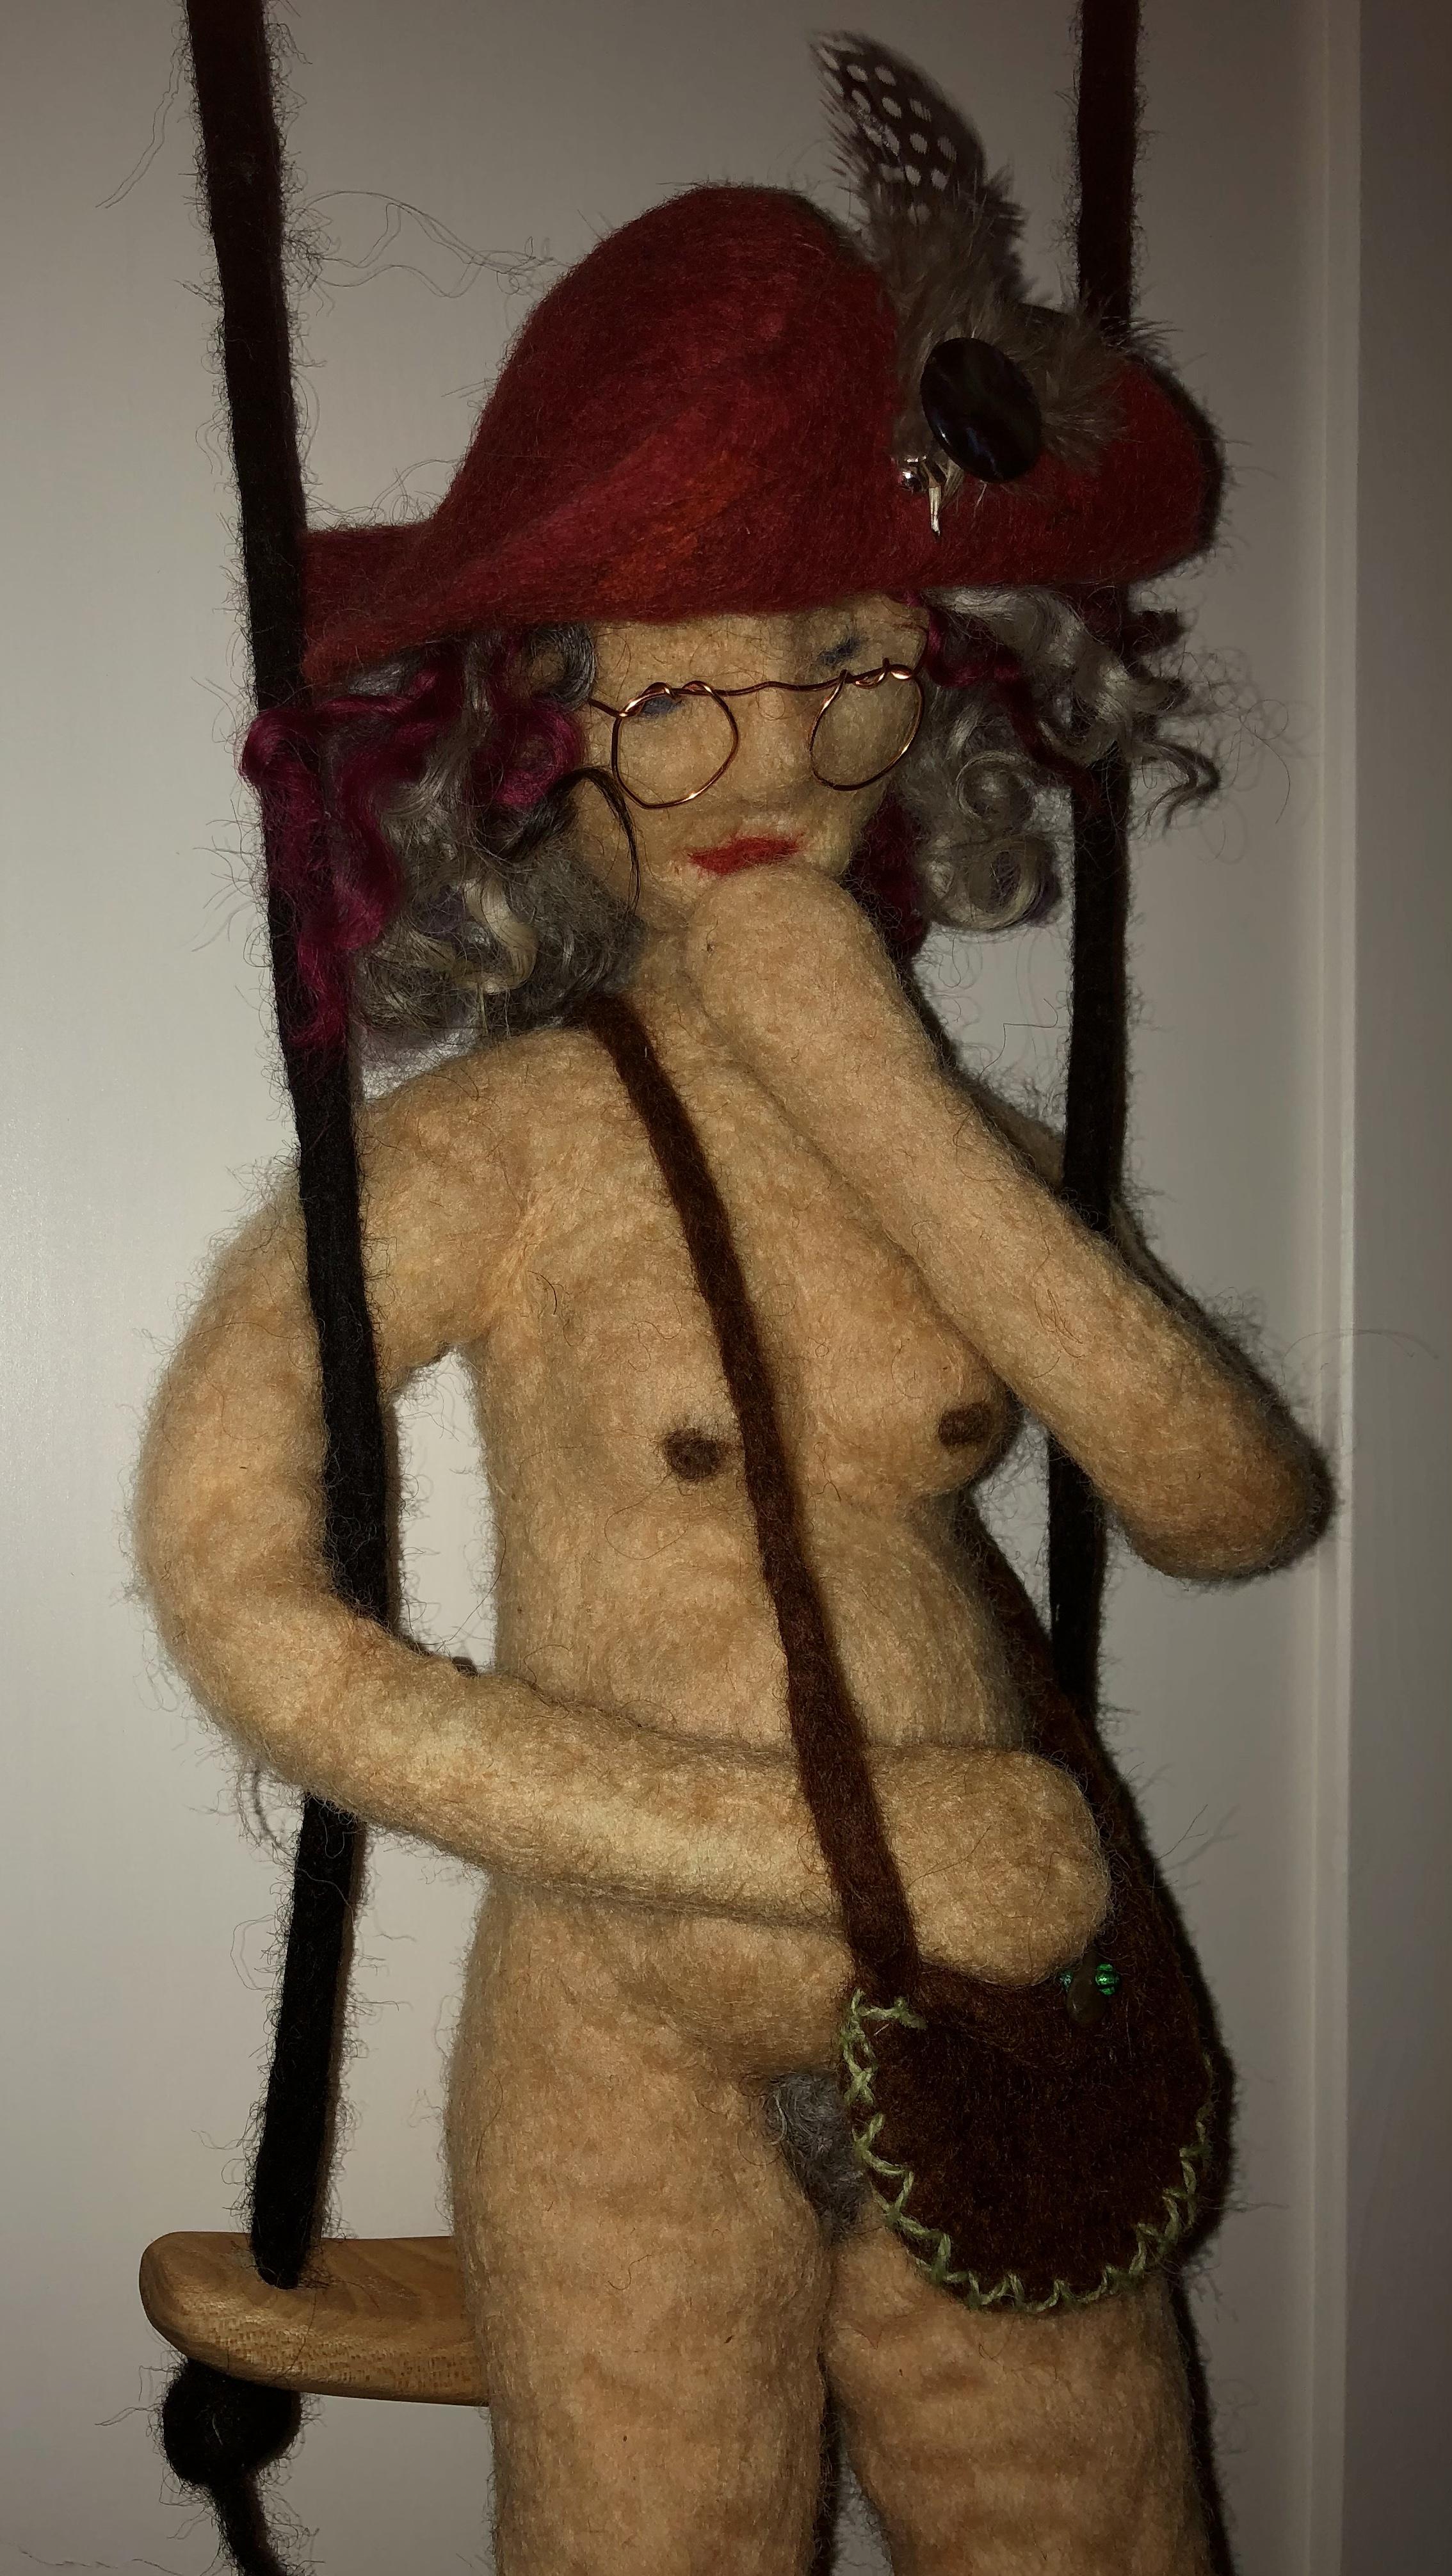 Kulturtanten Kajsa. Tovad kvinnofigur av ull.